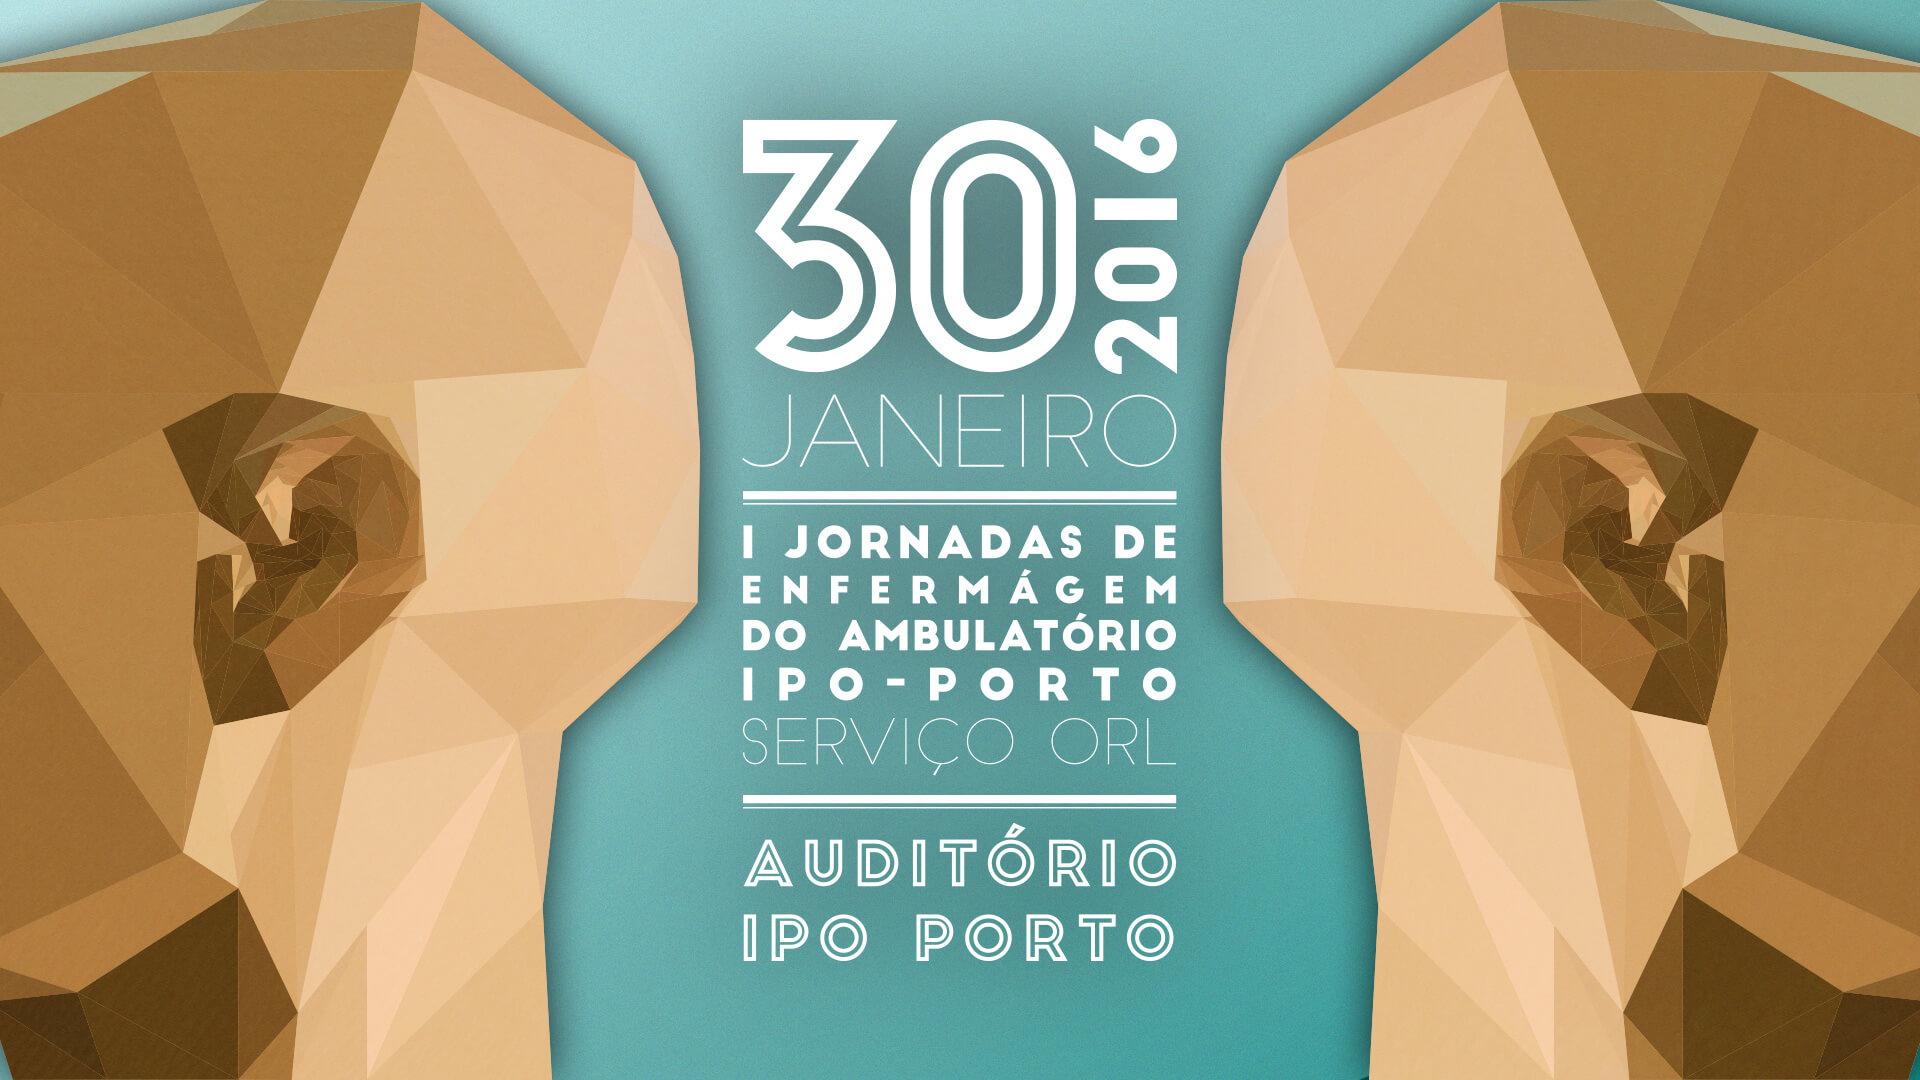 1ª Jornadas de Enfermagem do Ambulatório IPO-Porto